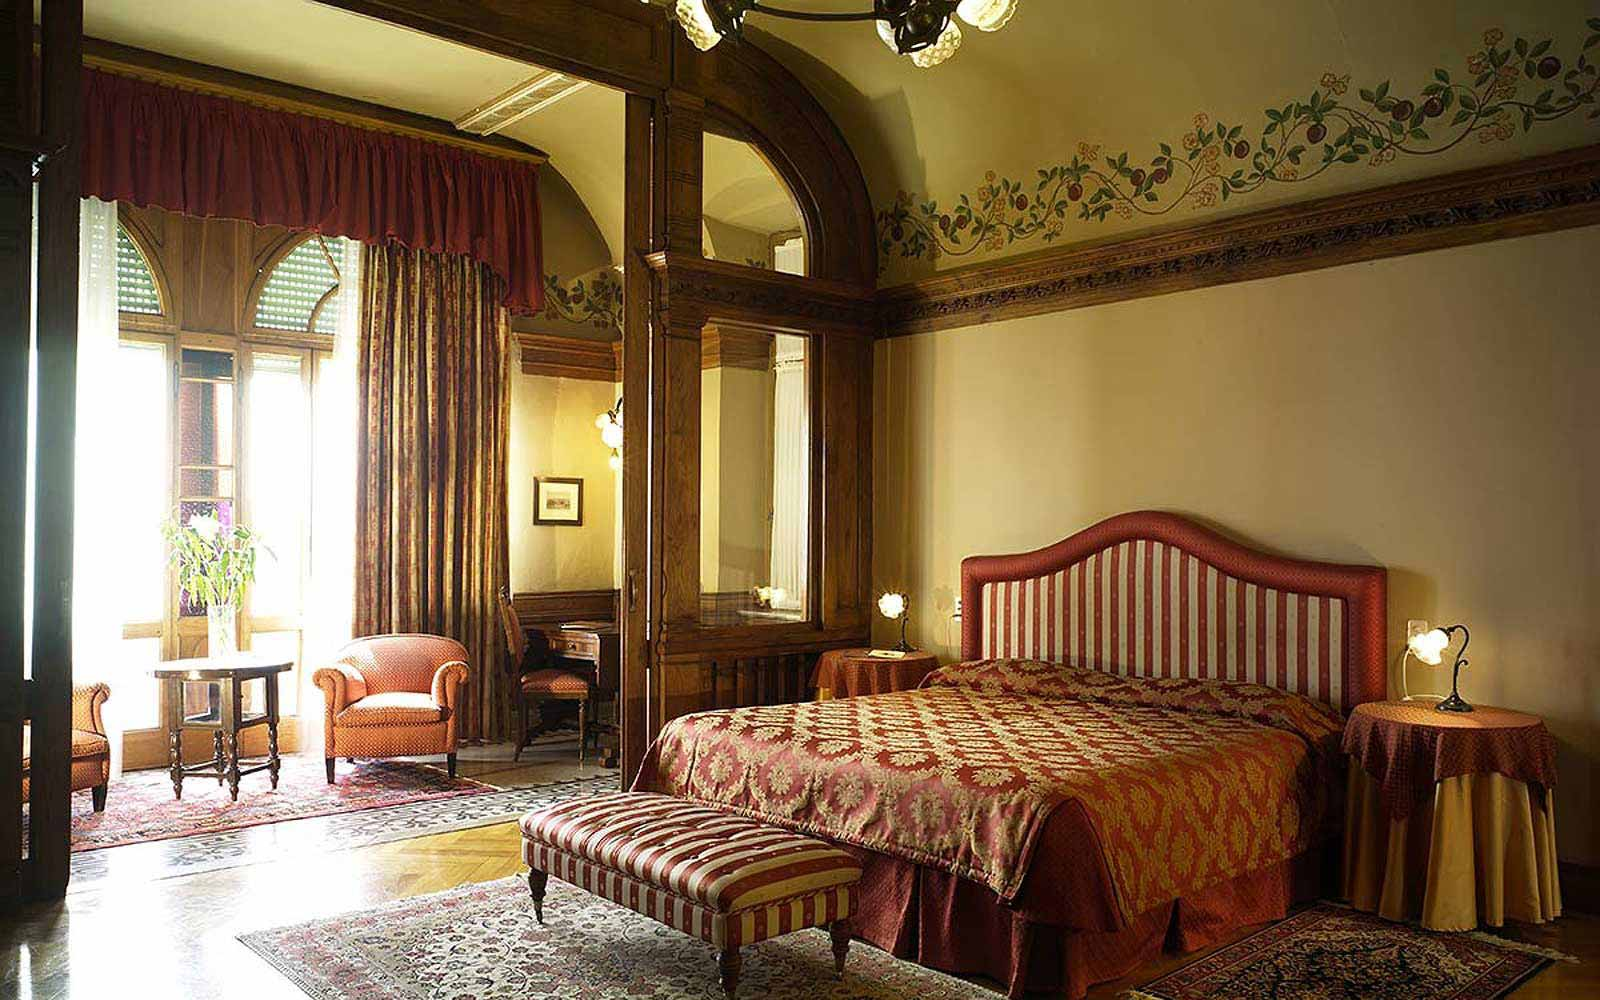 Heydweiller suite at Hotel Villa Del Sogno